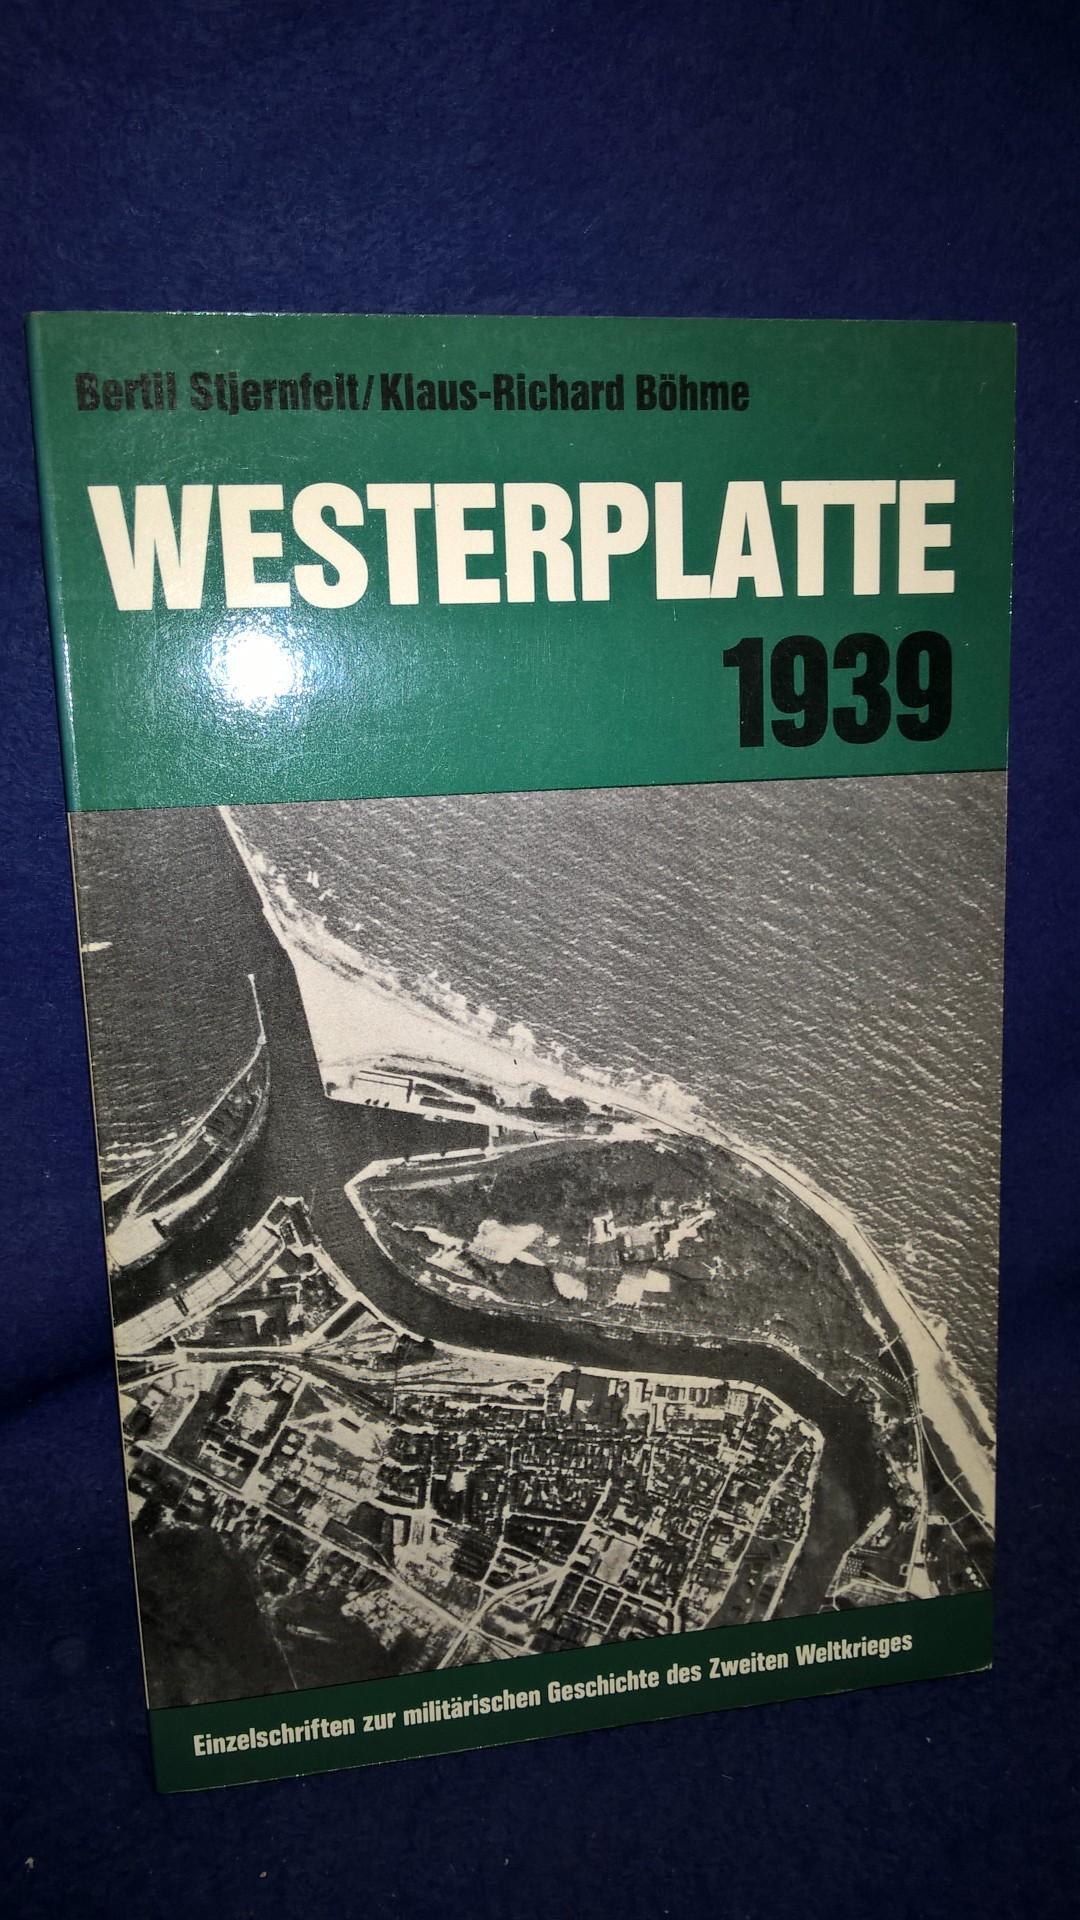 Einzelschriften zur militärischen Geschichte des 2.Weltkrieges - Band 23: Westerplatte 1939.